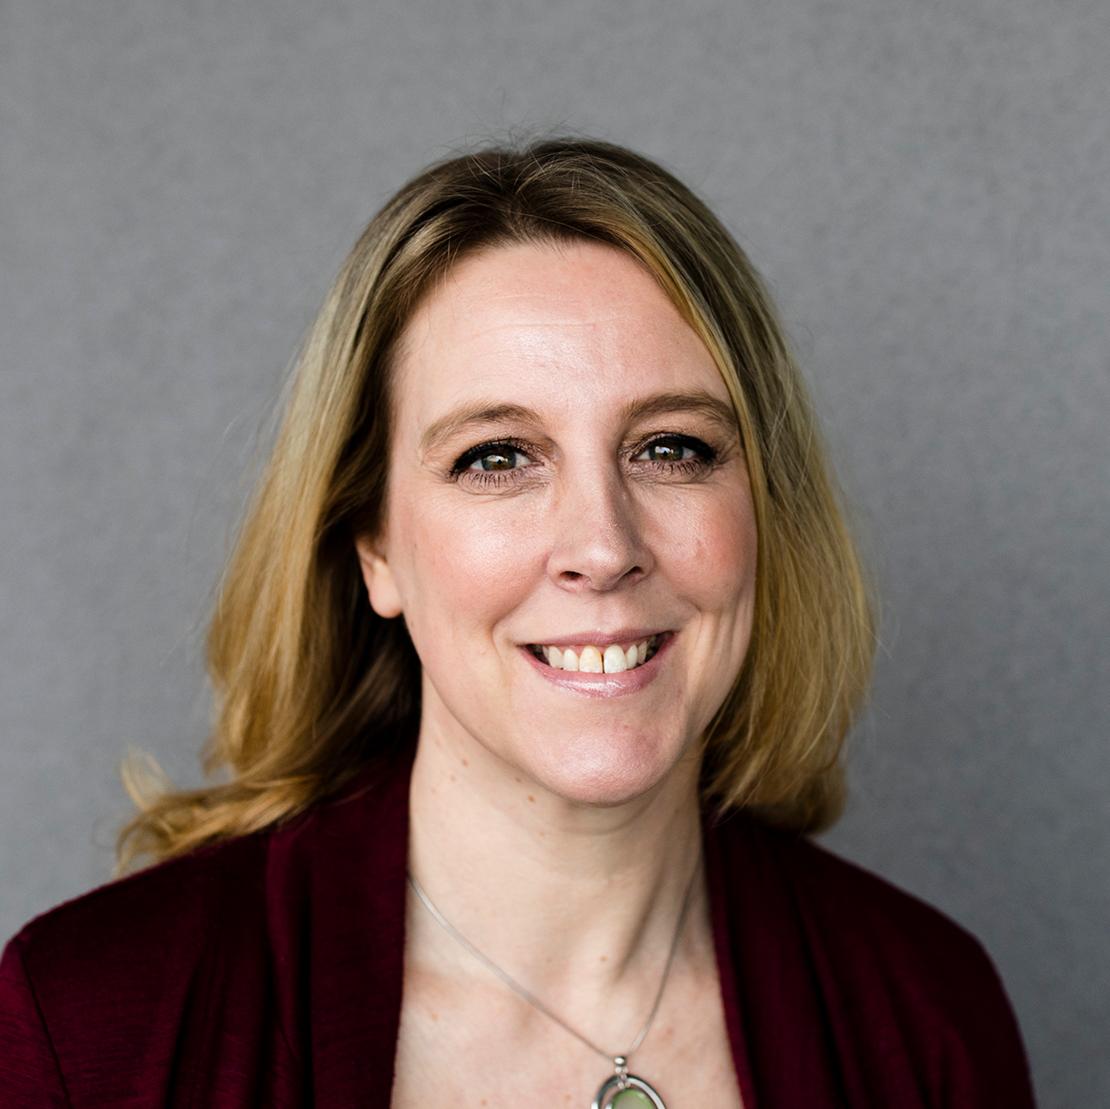 Tyrza Van Iperen